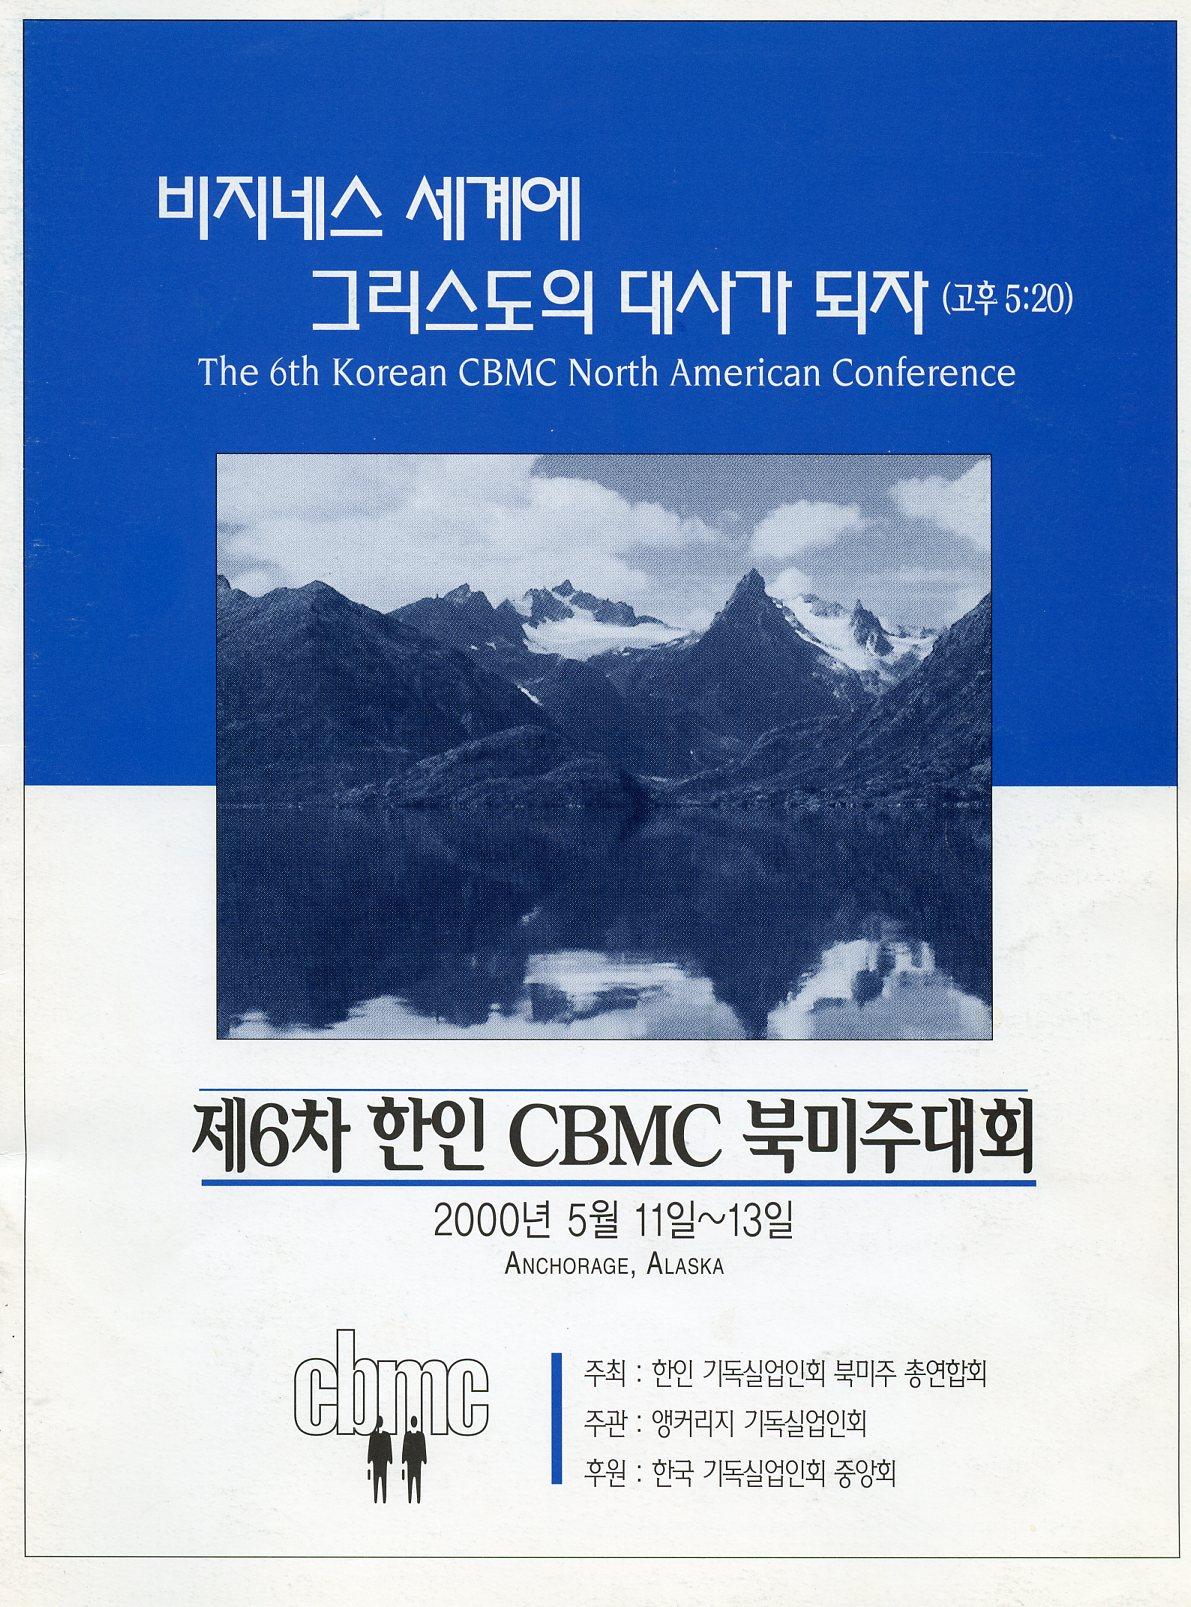 제6차 북미주 한인 기독실업인 대회(알라스카)